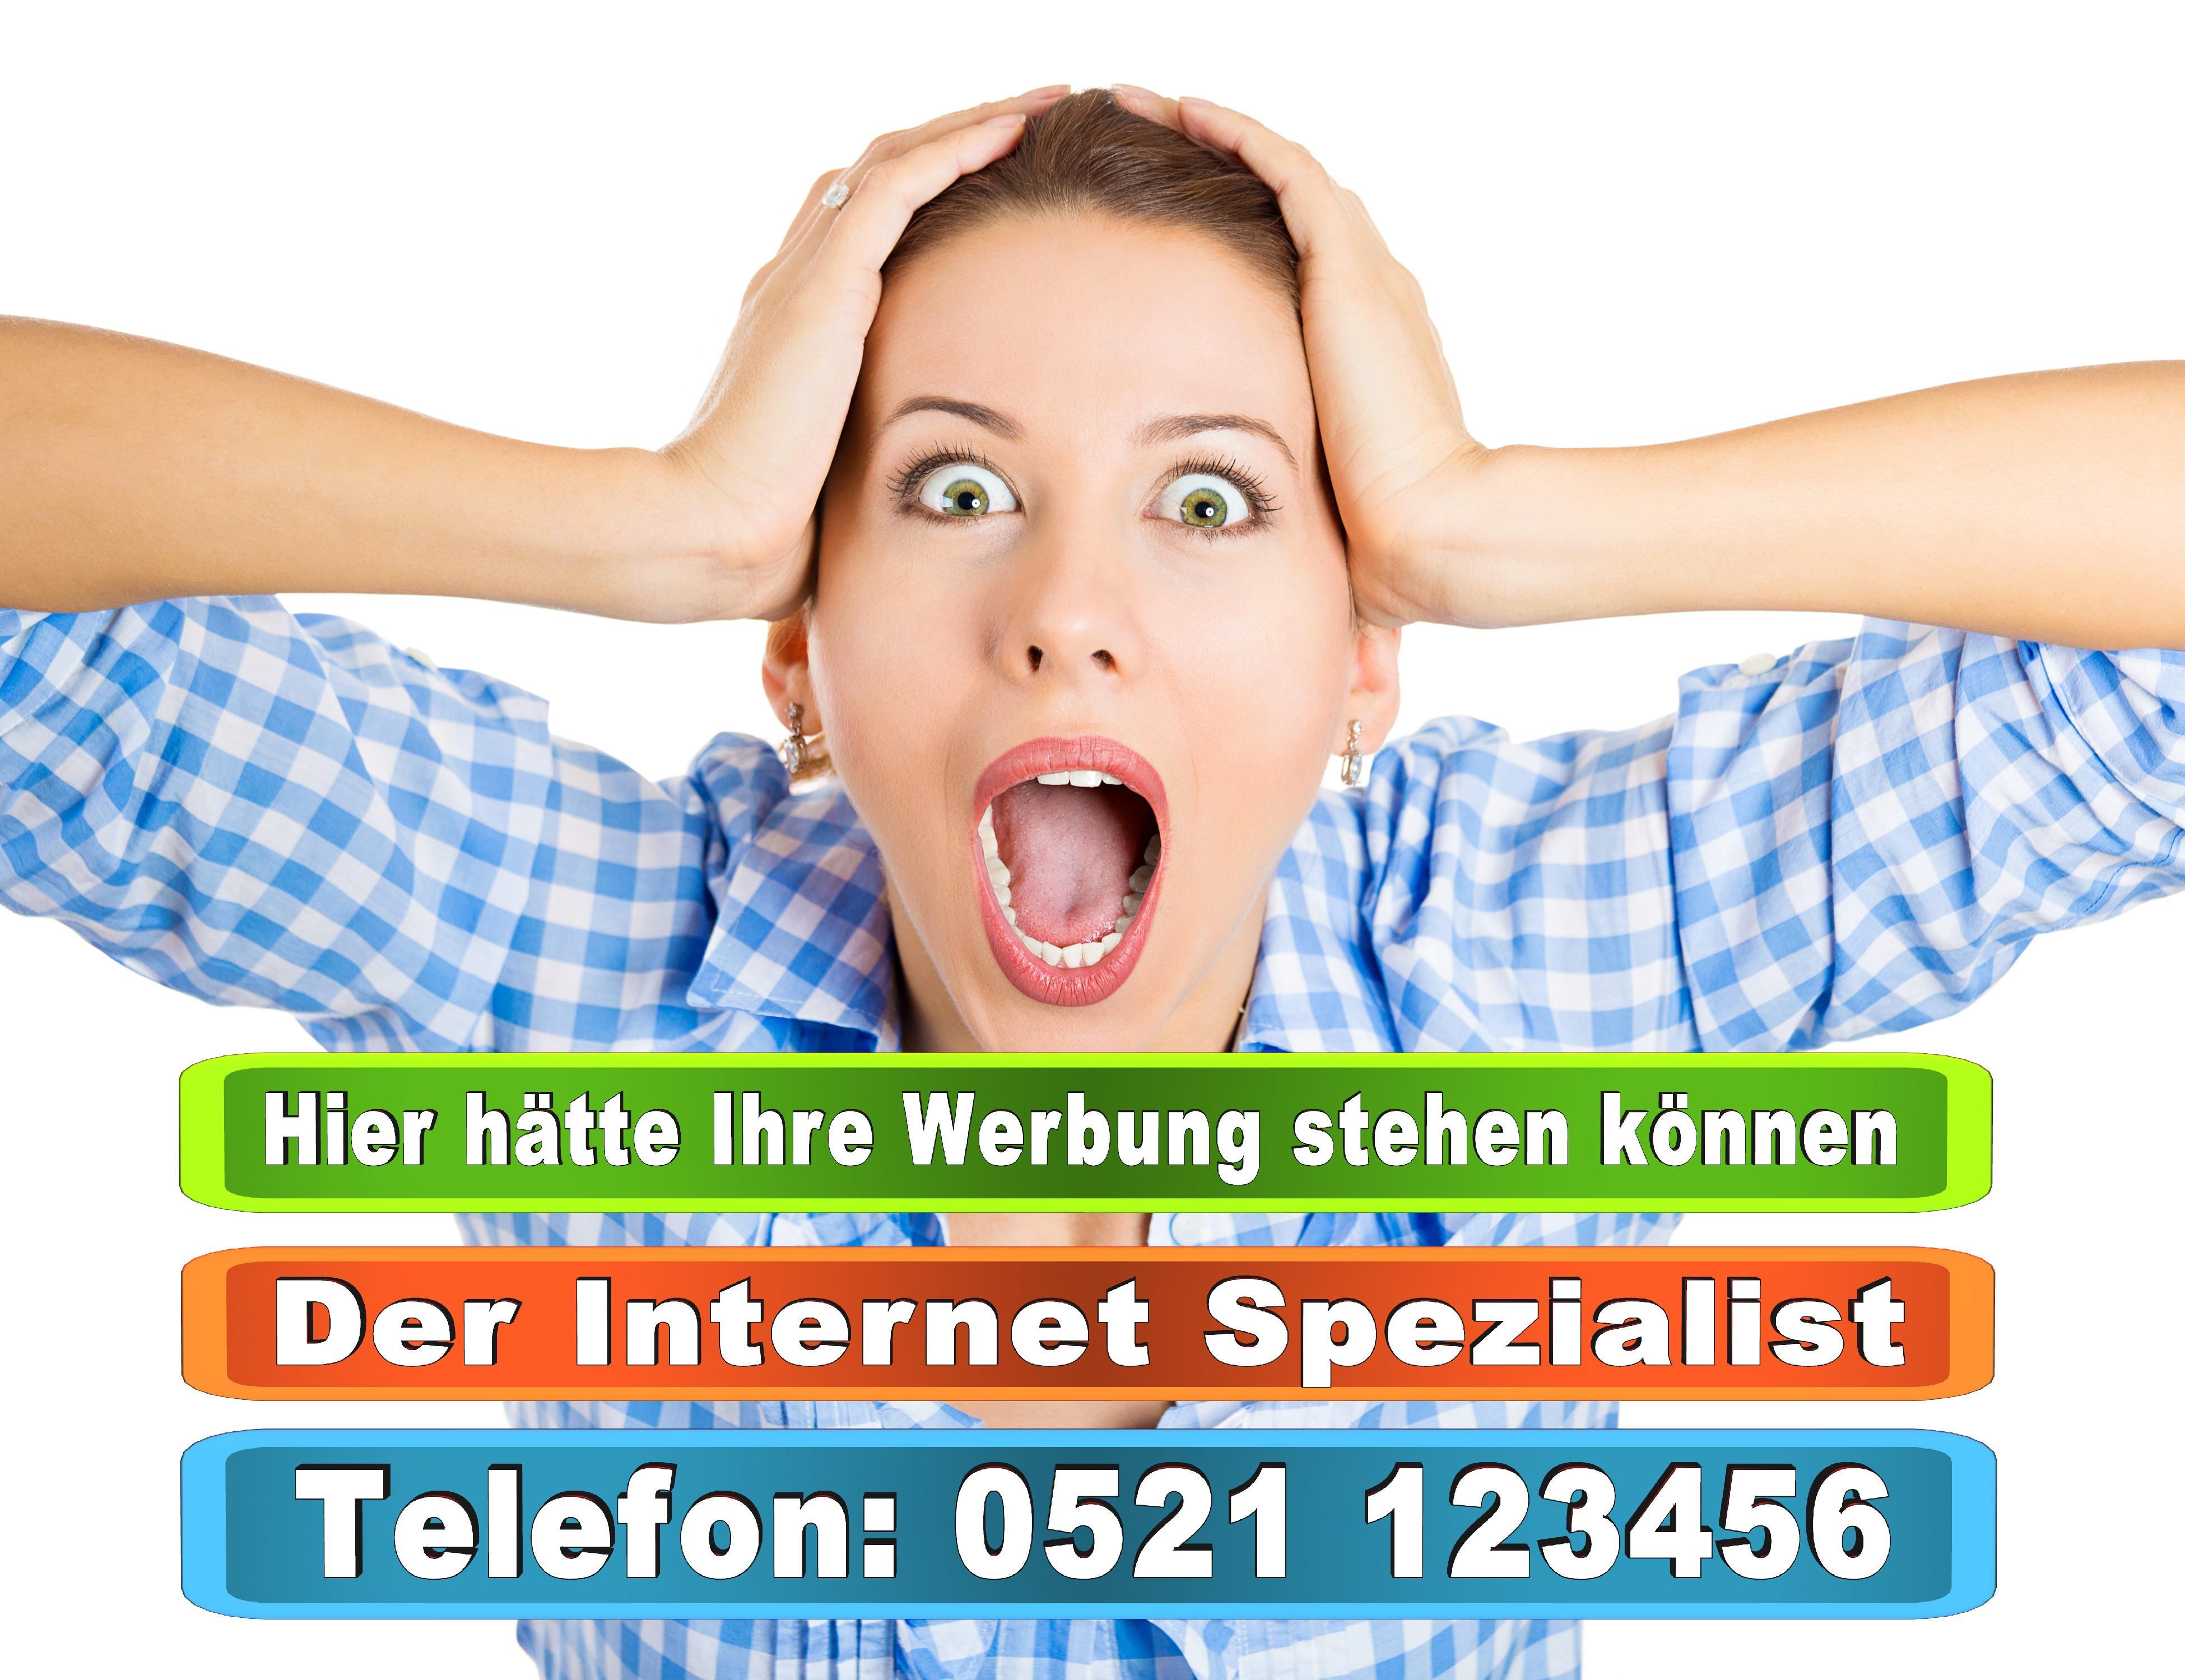 Bielefeld Werbung Werbeanzeigen Zeitungen Bielefeld OWL NRW Demonstrationen Polizei Bielefeld Kleinanzeigen Bielefeld Berlin Hamburg Köln (4)